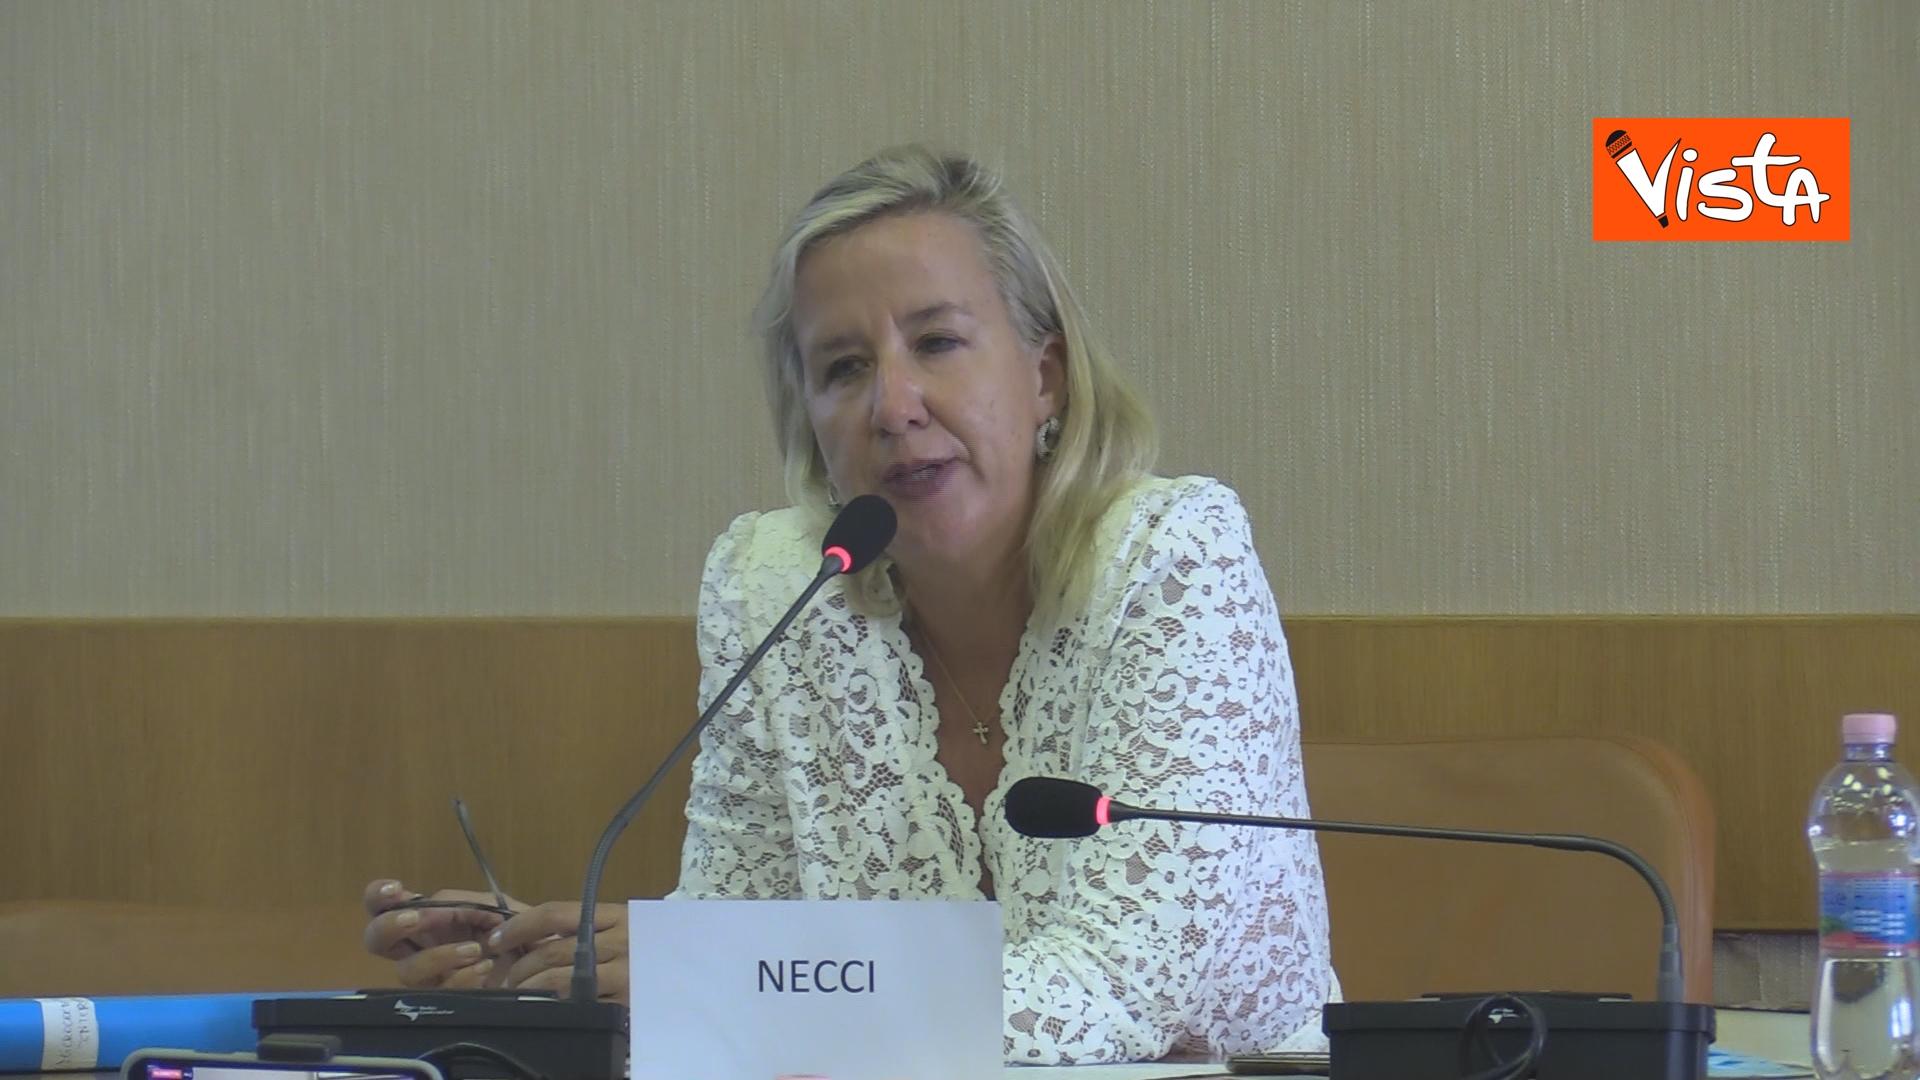 Necci